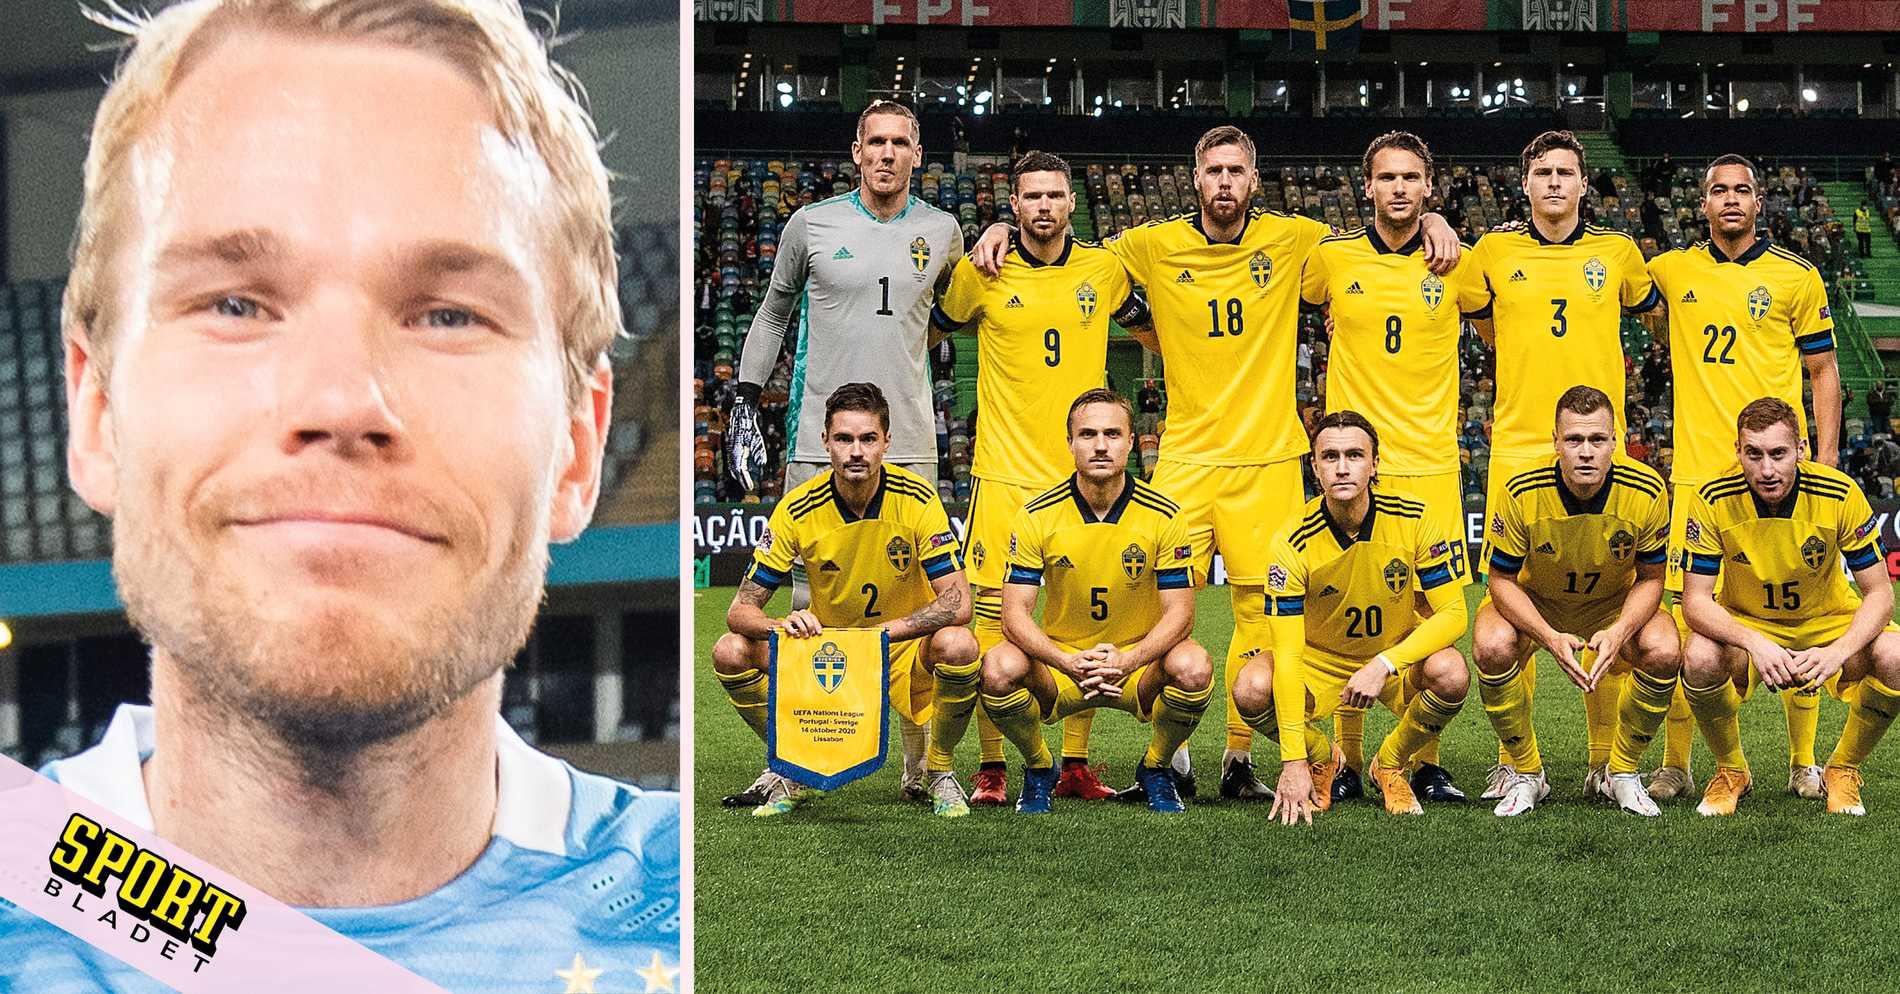 """Lewicki hade varit Sveriges bästa mittback"""""""